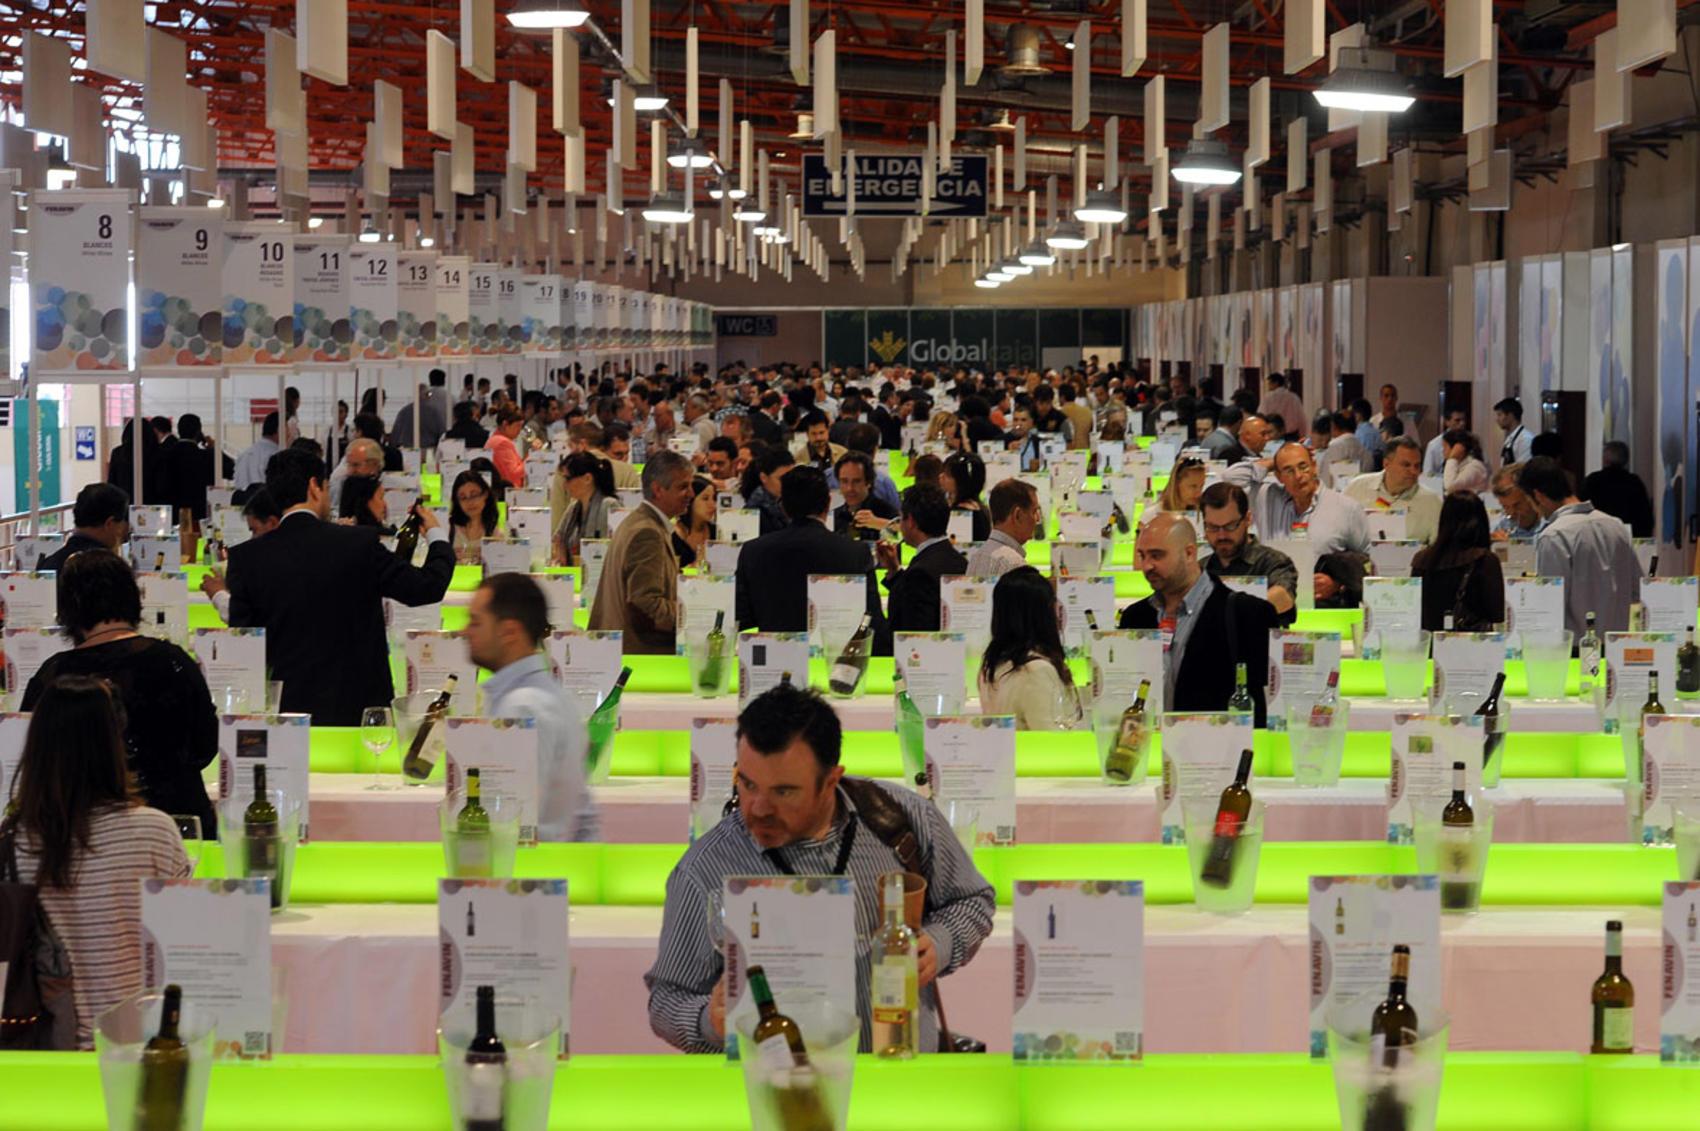 La Galería del Vino Globalcaja de FENAVIN contará con más de 1.400 referencias en condiciones óptimas para la cata